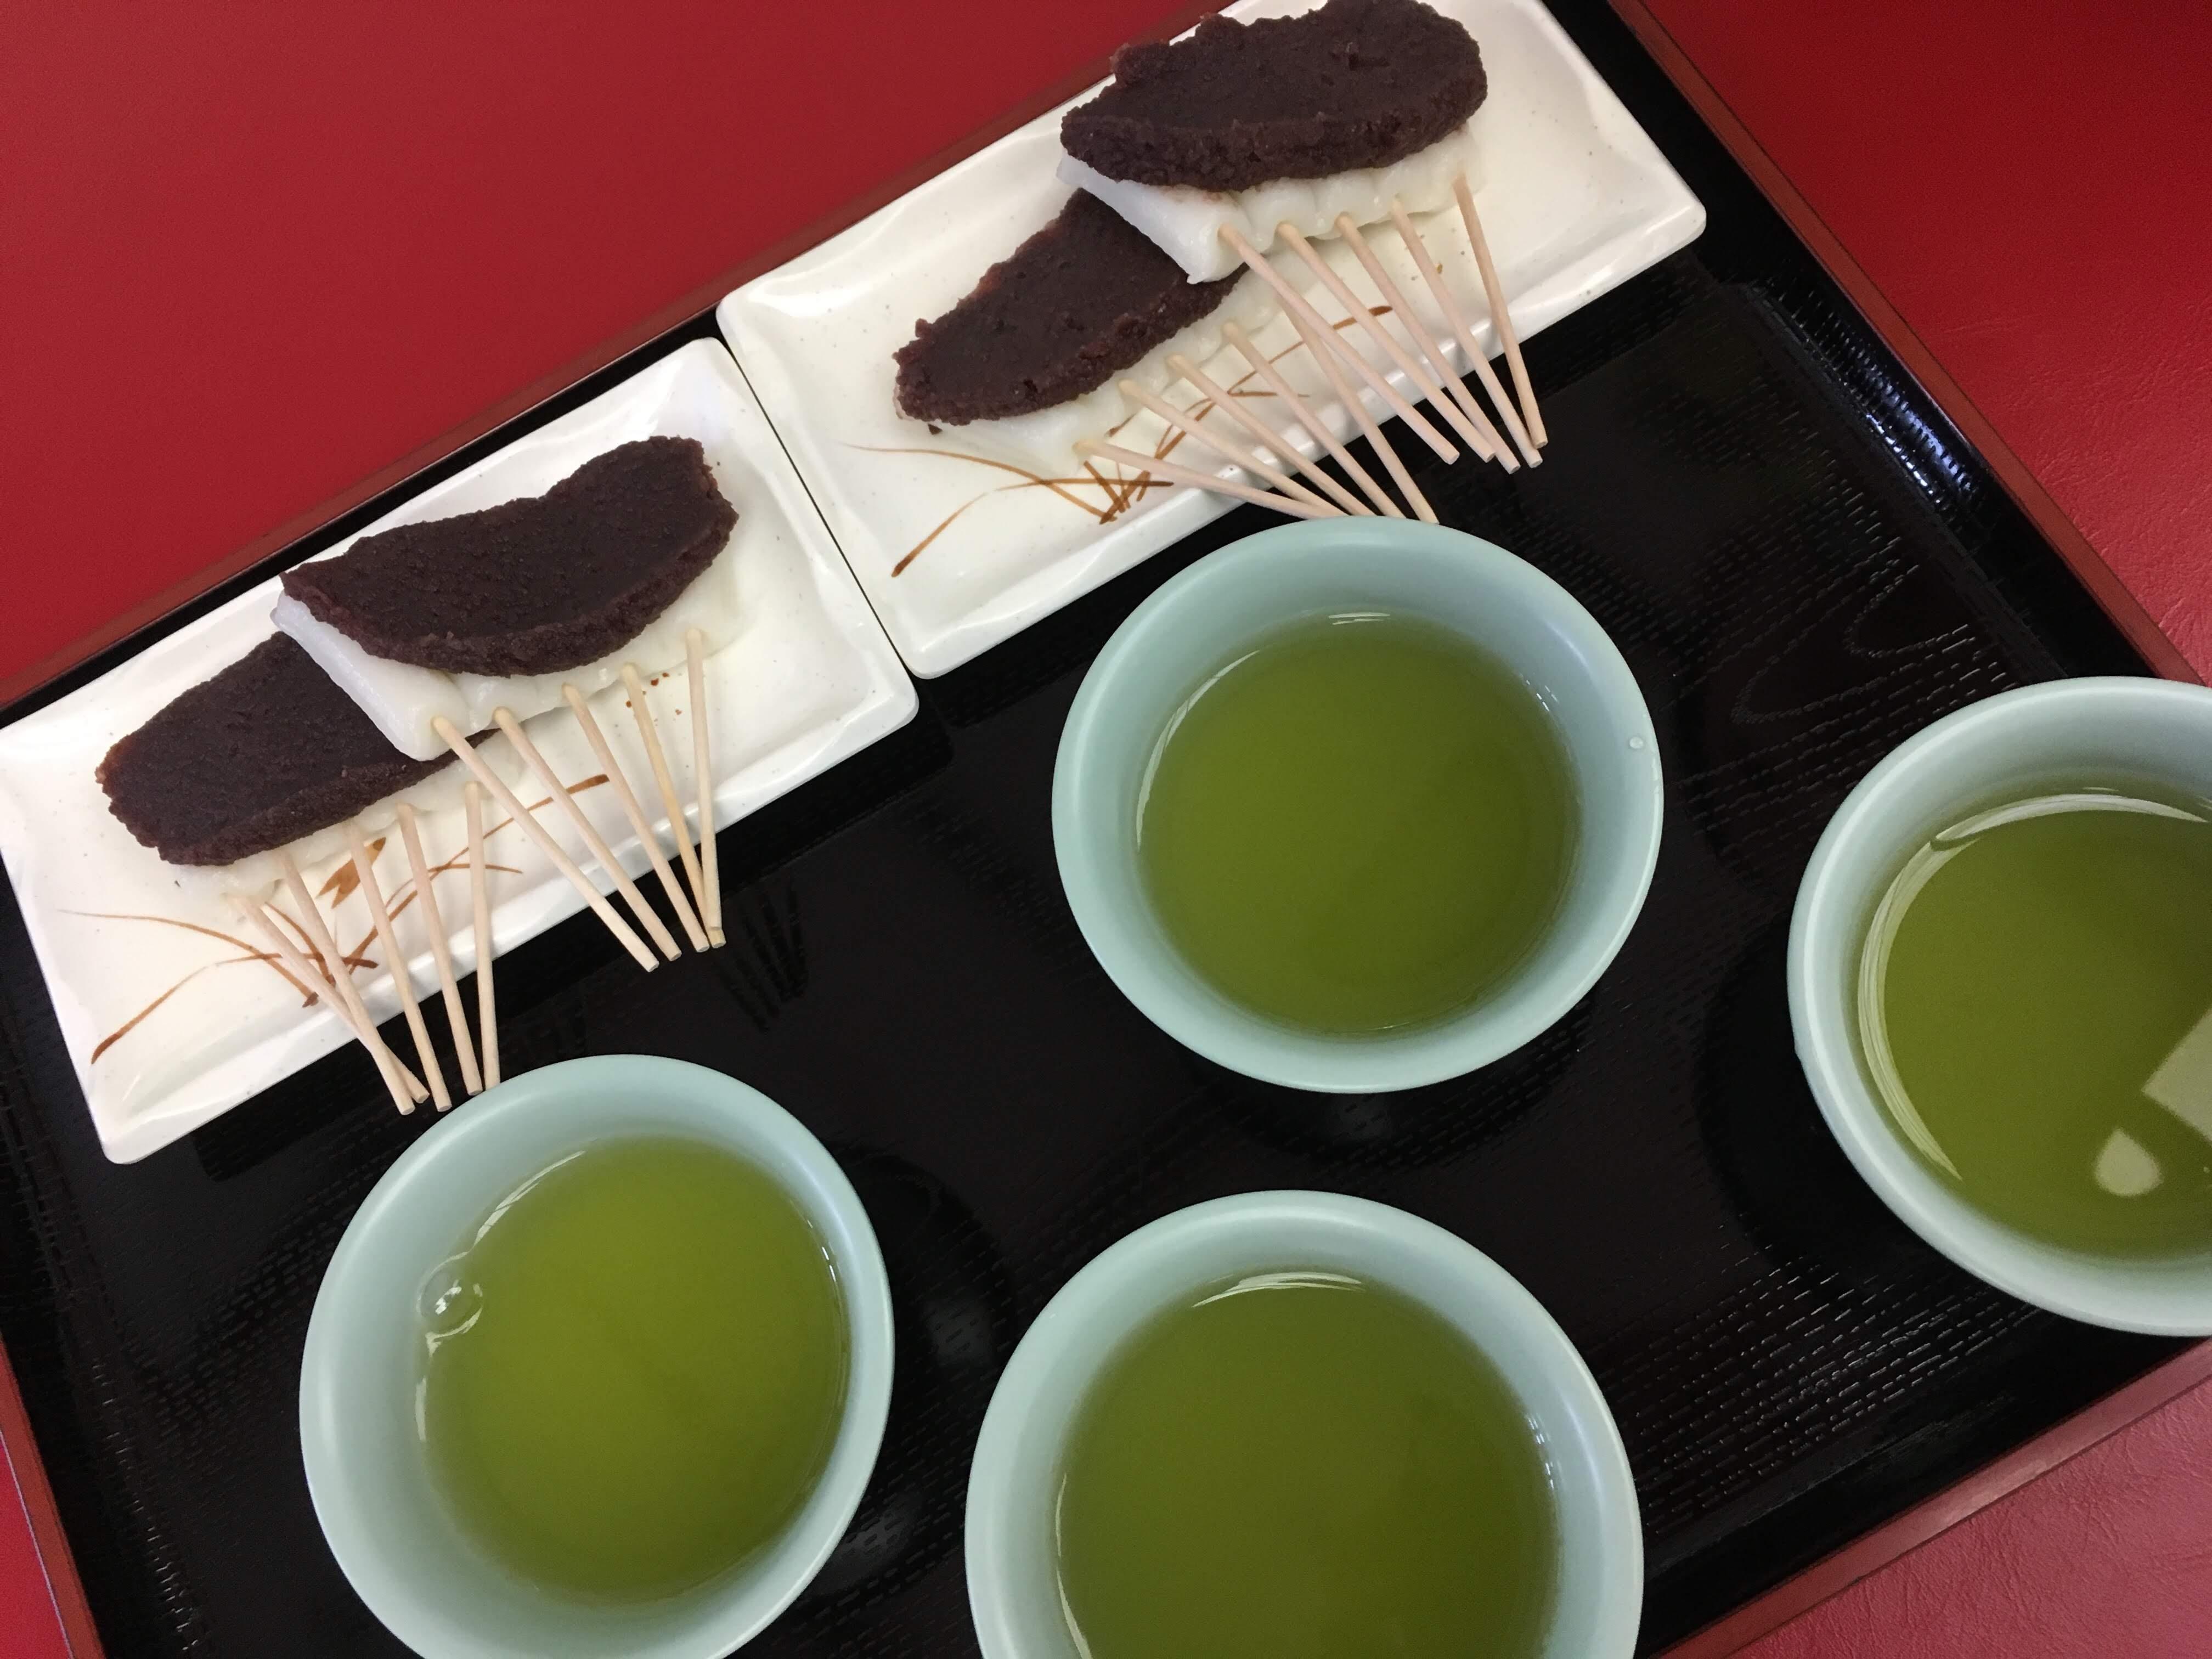 静岡県はさわやかだけじゃない!袋井市の名物だんご法多山団子は地元でしか食べられない!